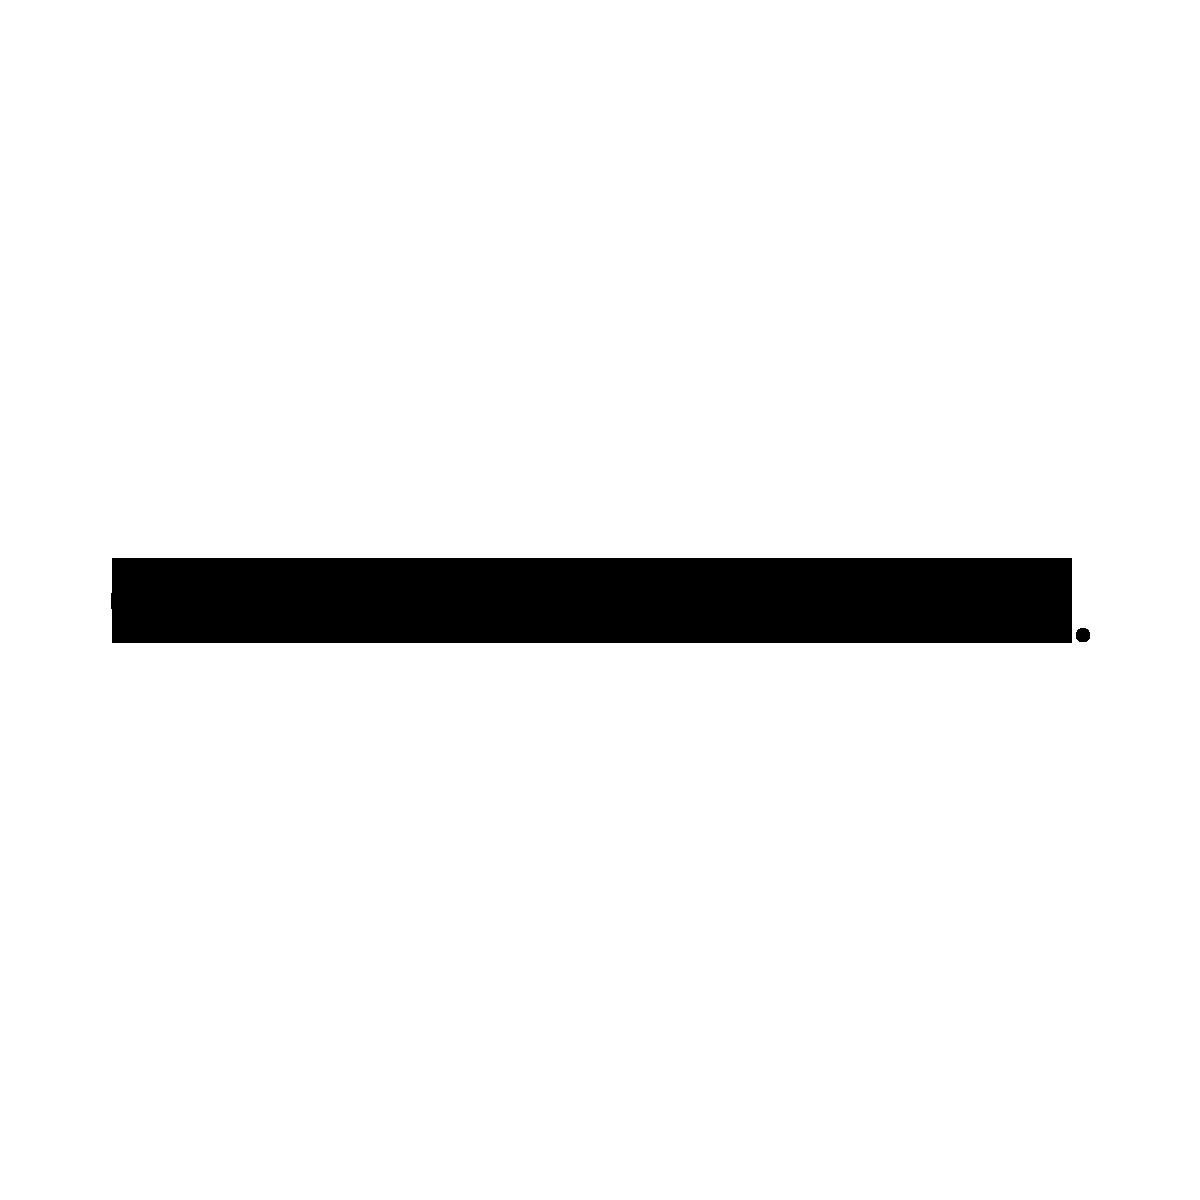 Espadrille-loafer-shiny-geprint-leer-ivoorwit